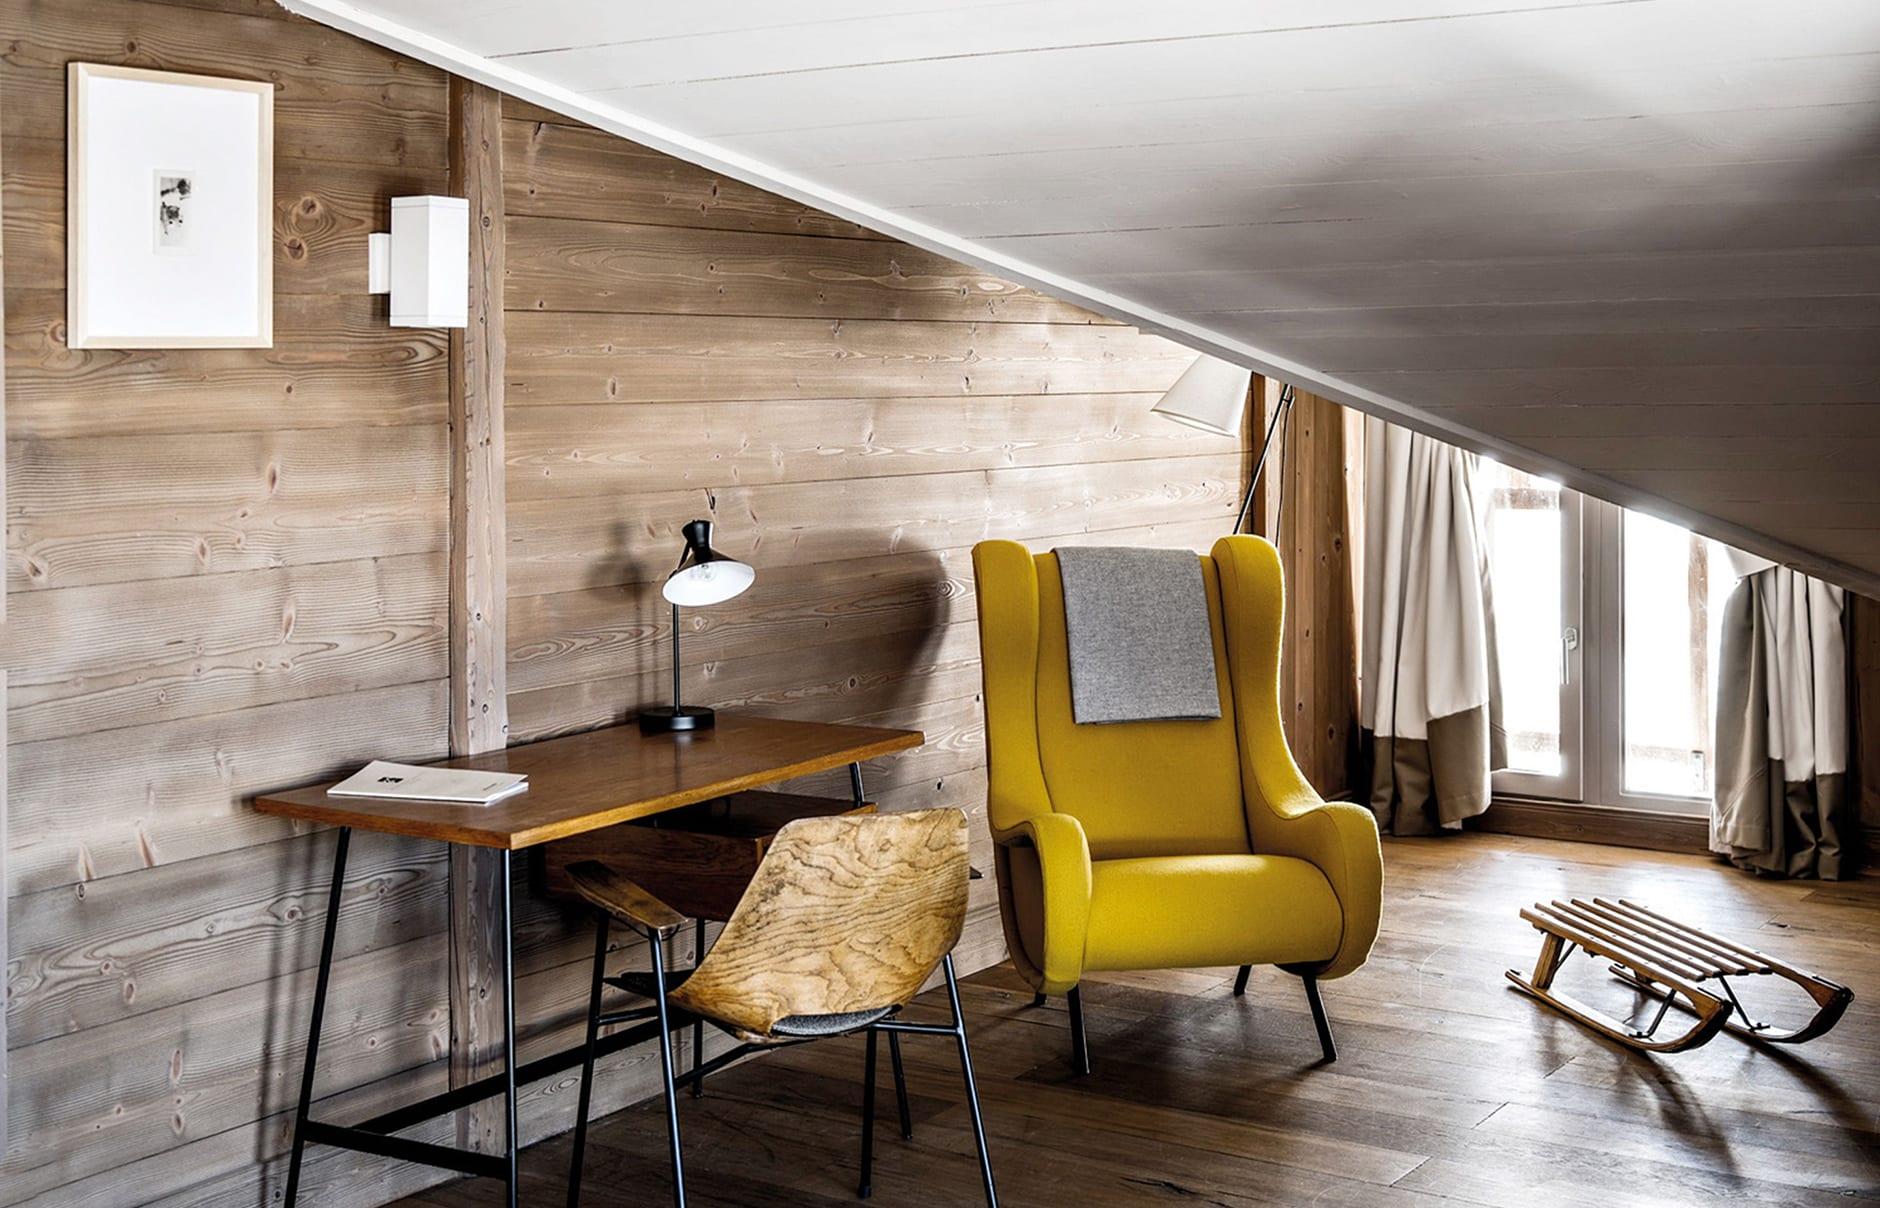 Hôtel des Trois Vallées, Courchevel, France. Hotel Review. Photo © The Hotels d'en Haut Group